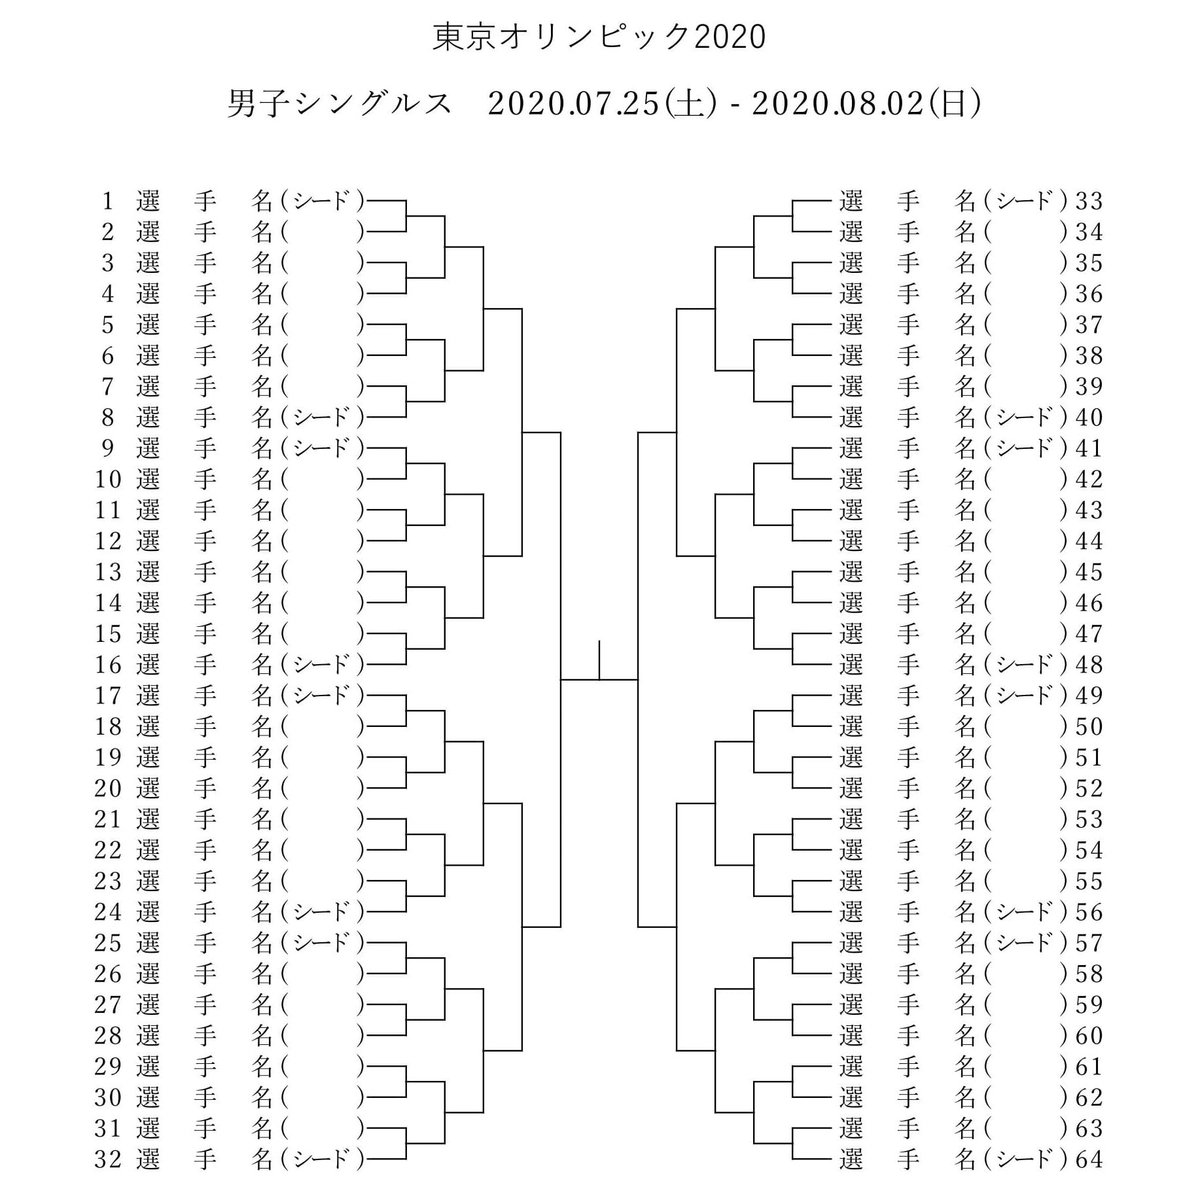 東京オリンピック・テニス 2020の男子トーナメント表